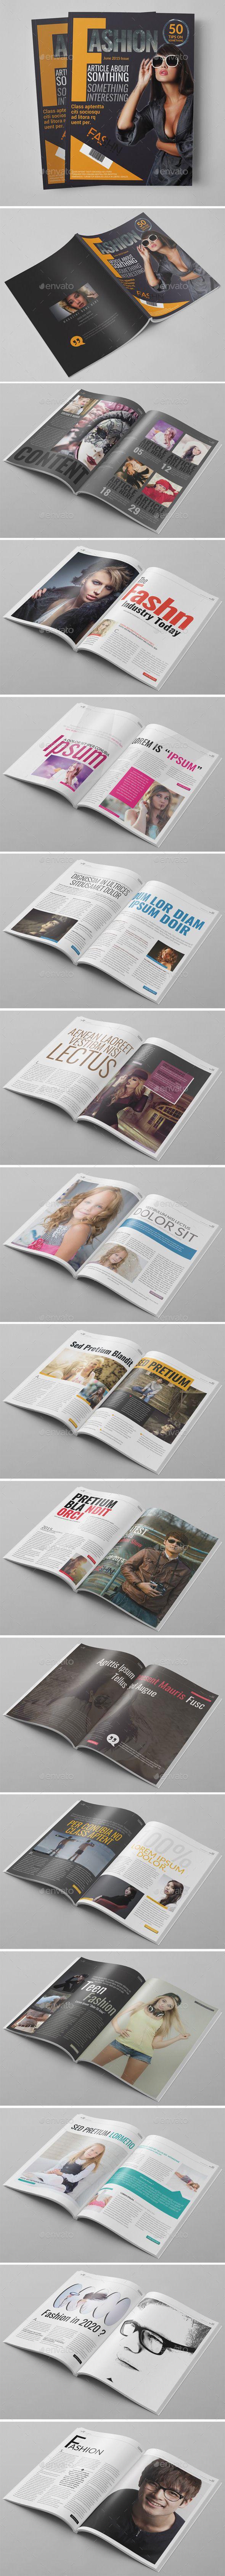 30 Pages Fashion Magazine - Photoshop PSD   Photoshop, Magazines ...